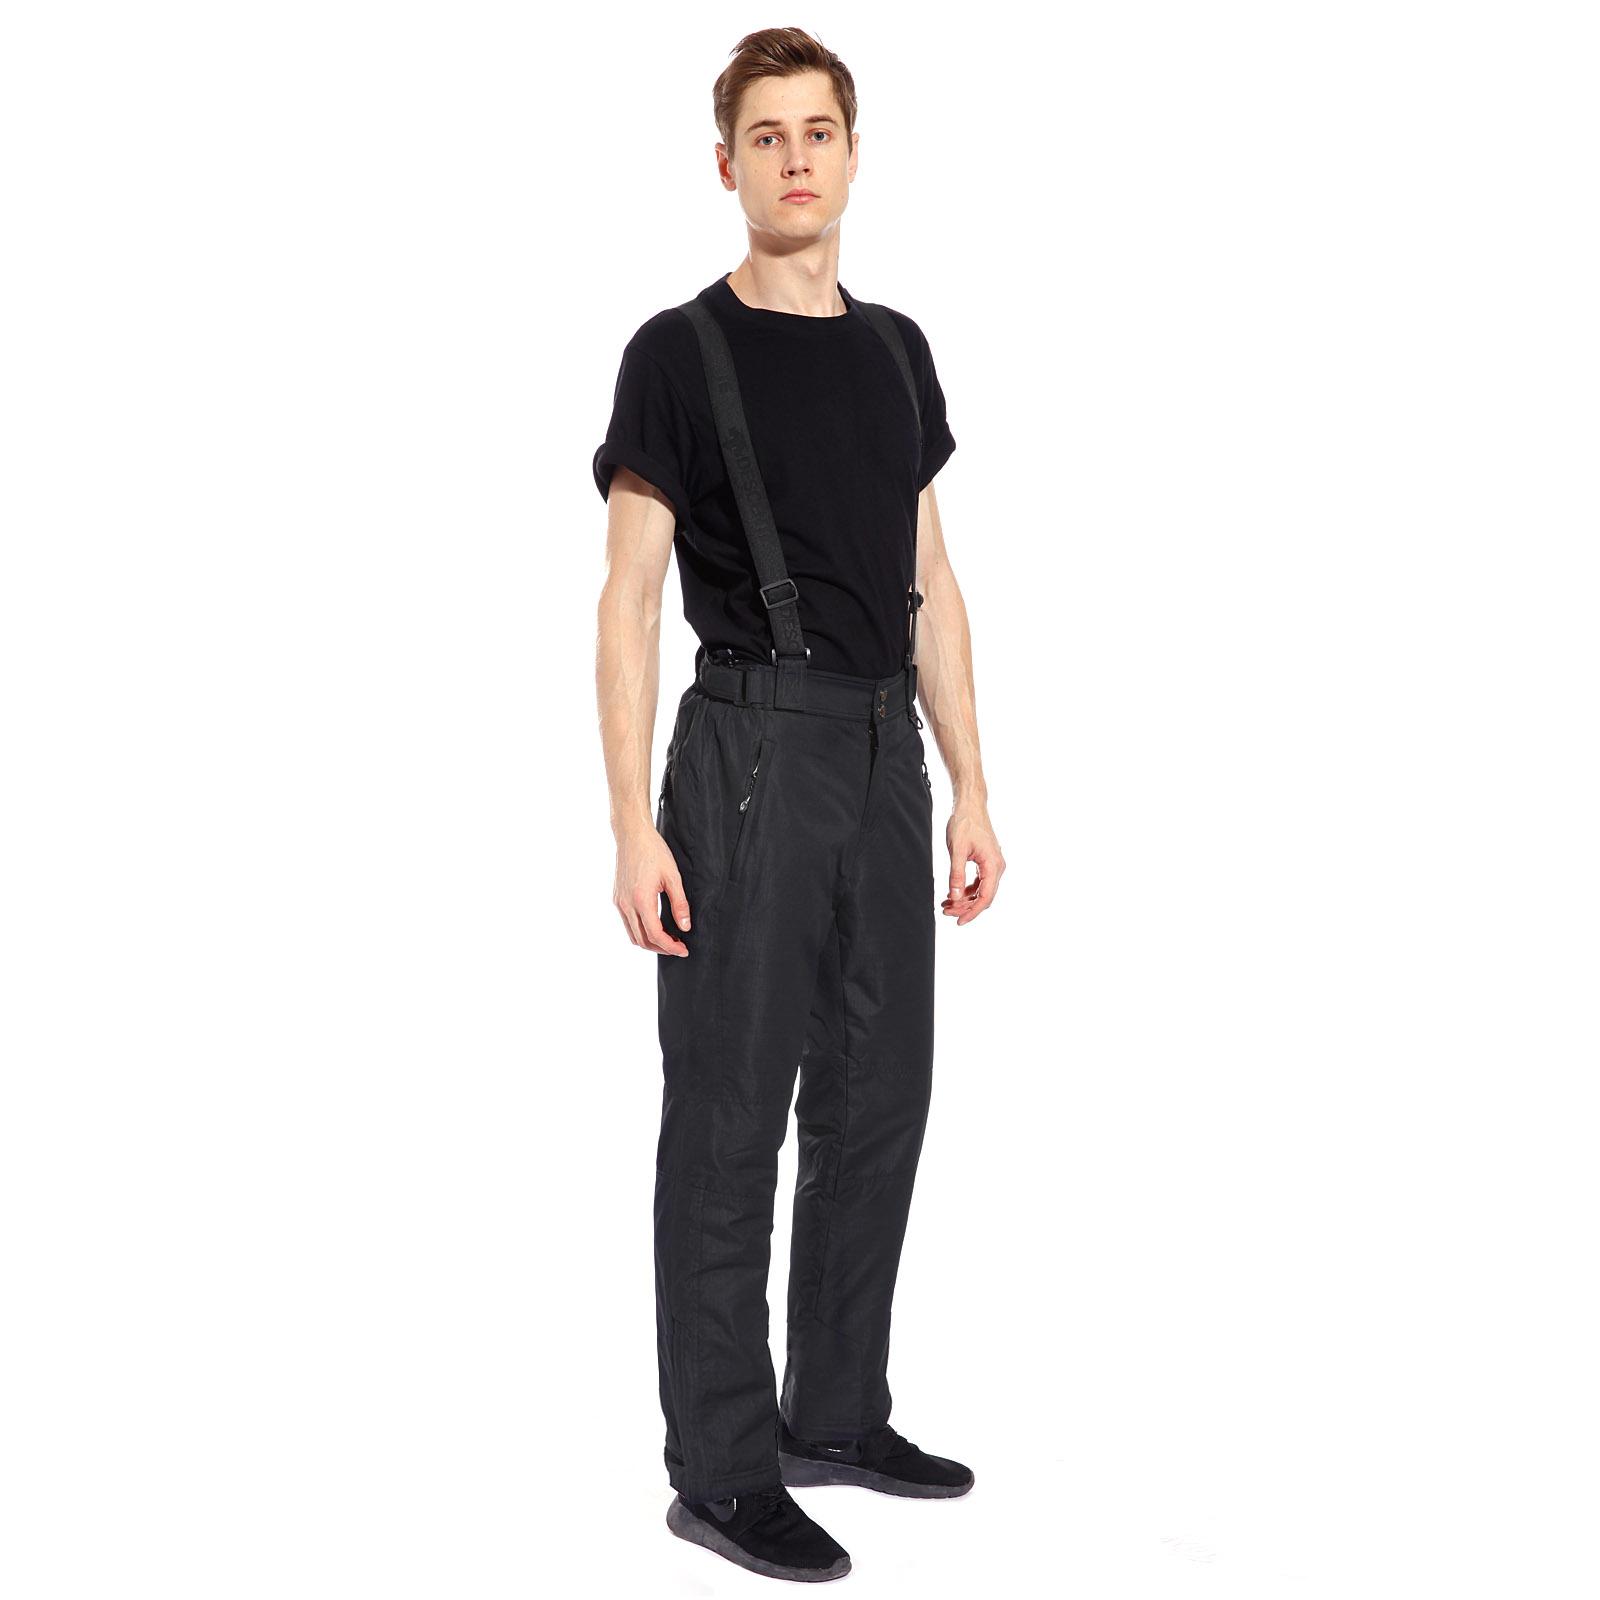 8e35d1d97342 Black Mens Ski Pants Waterproof Trousers Detachable Braces Multiple ...